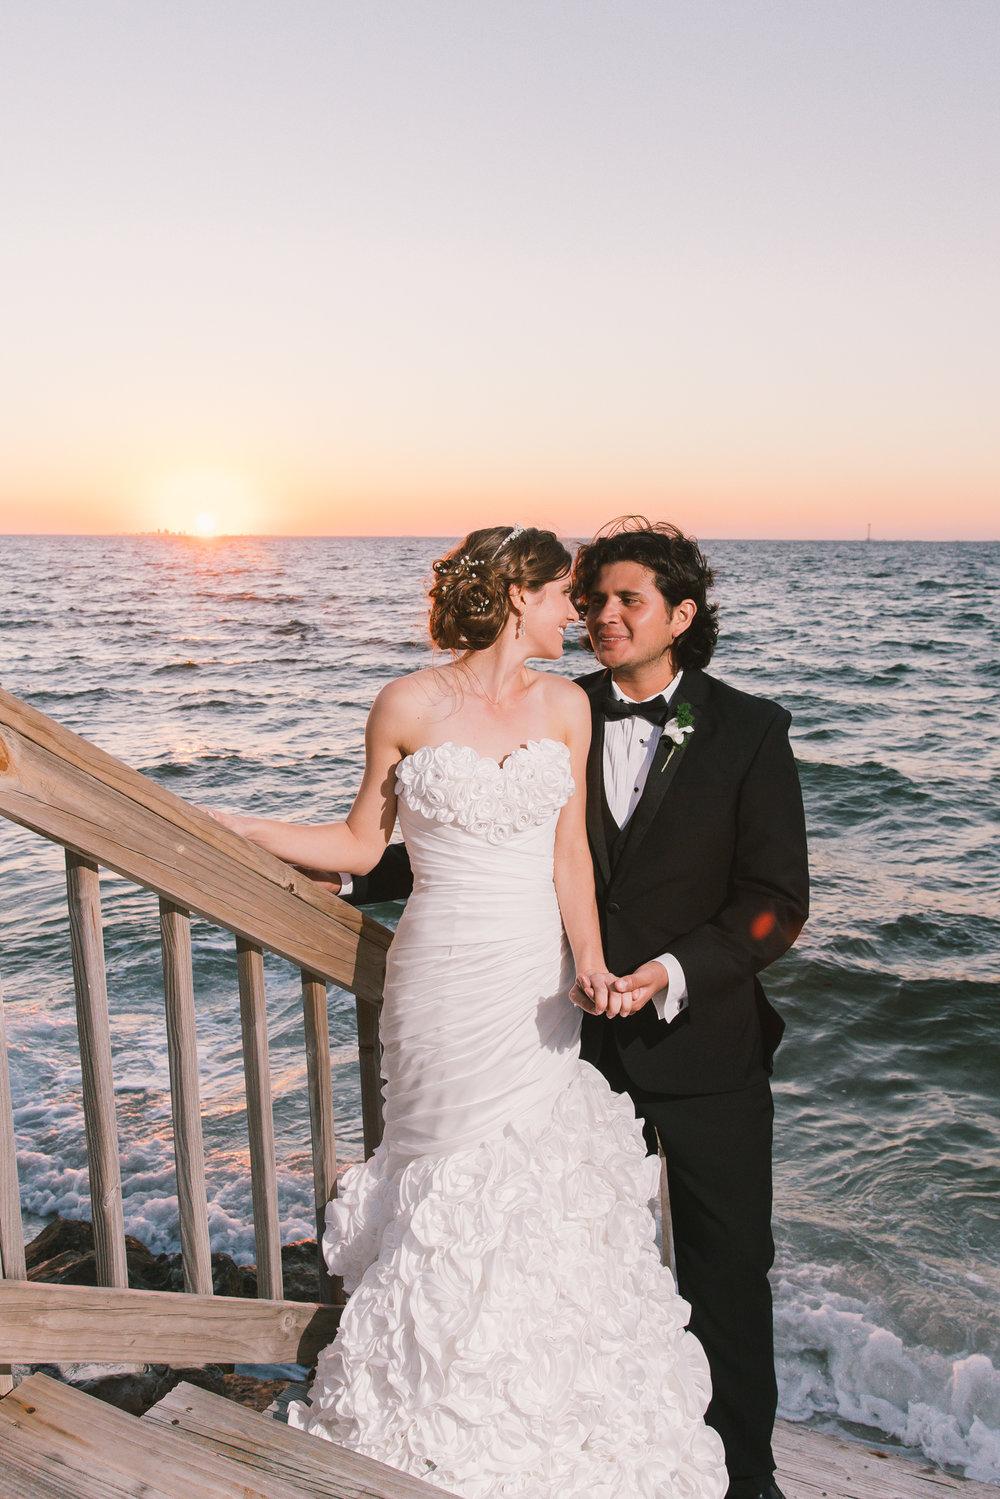 Apollo-beach-wedding, Tampa-wedding-photography